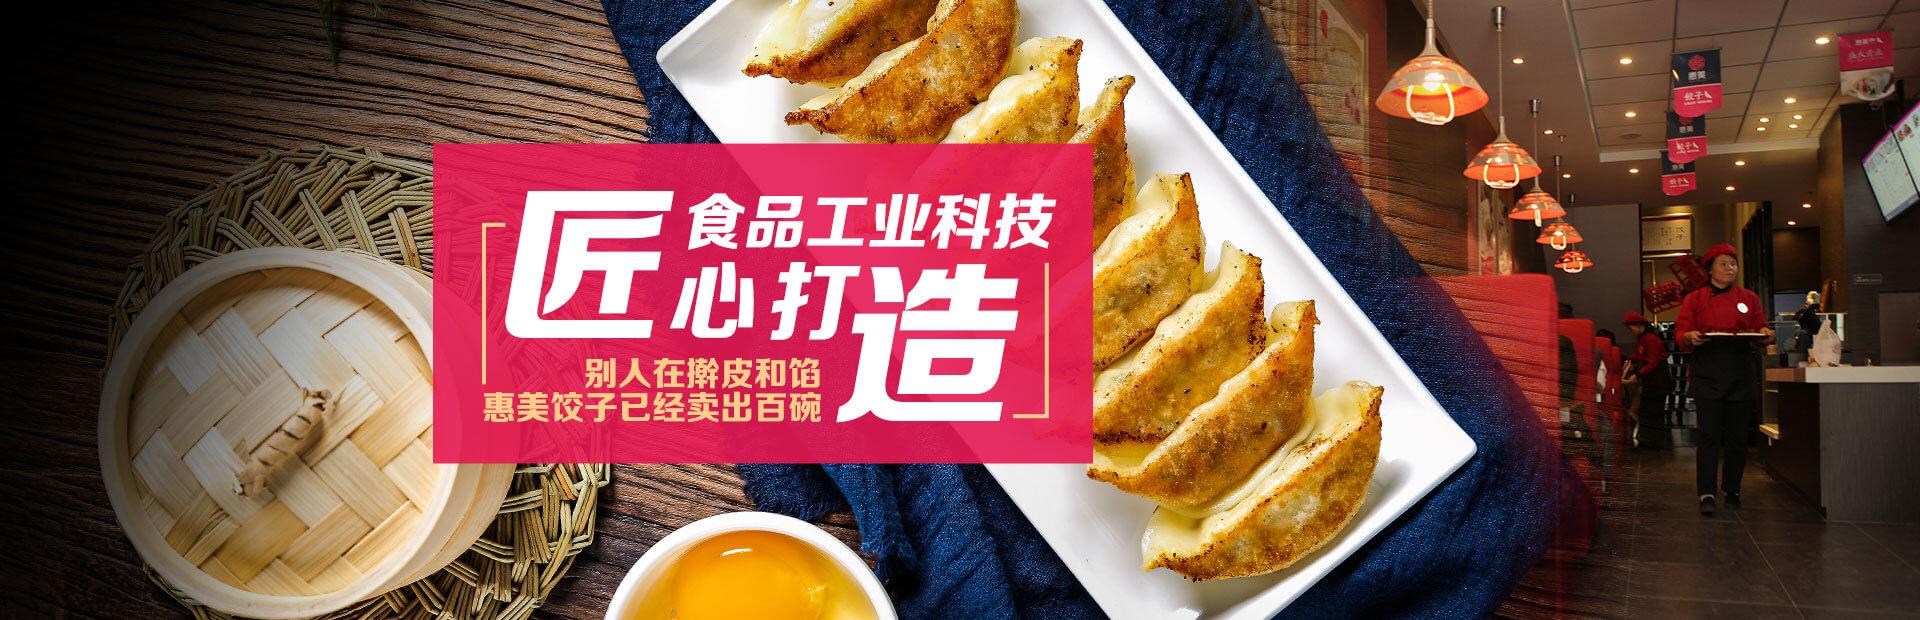 惠美饺子加盟产品优势